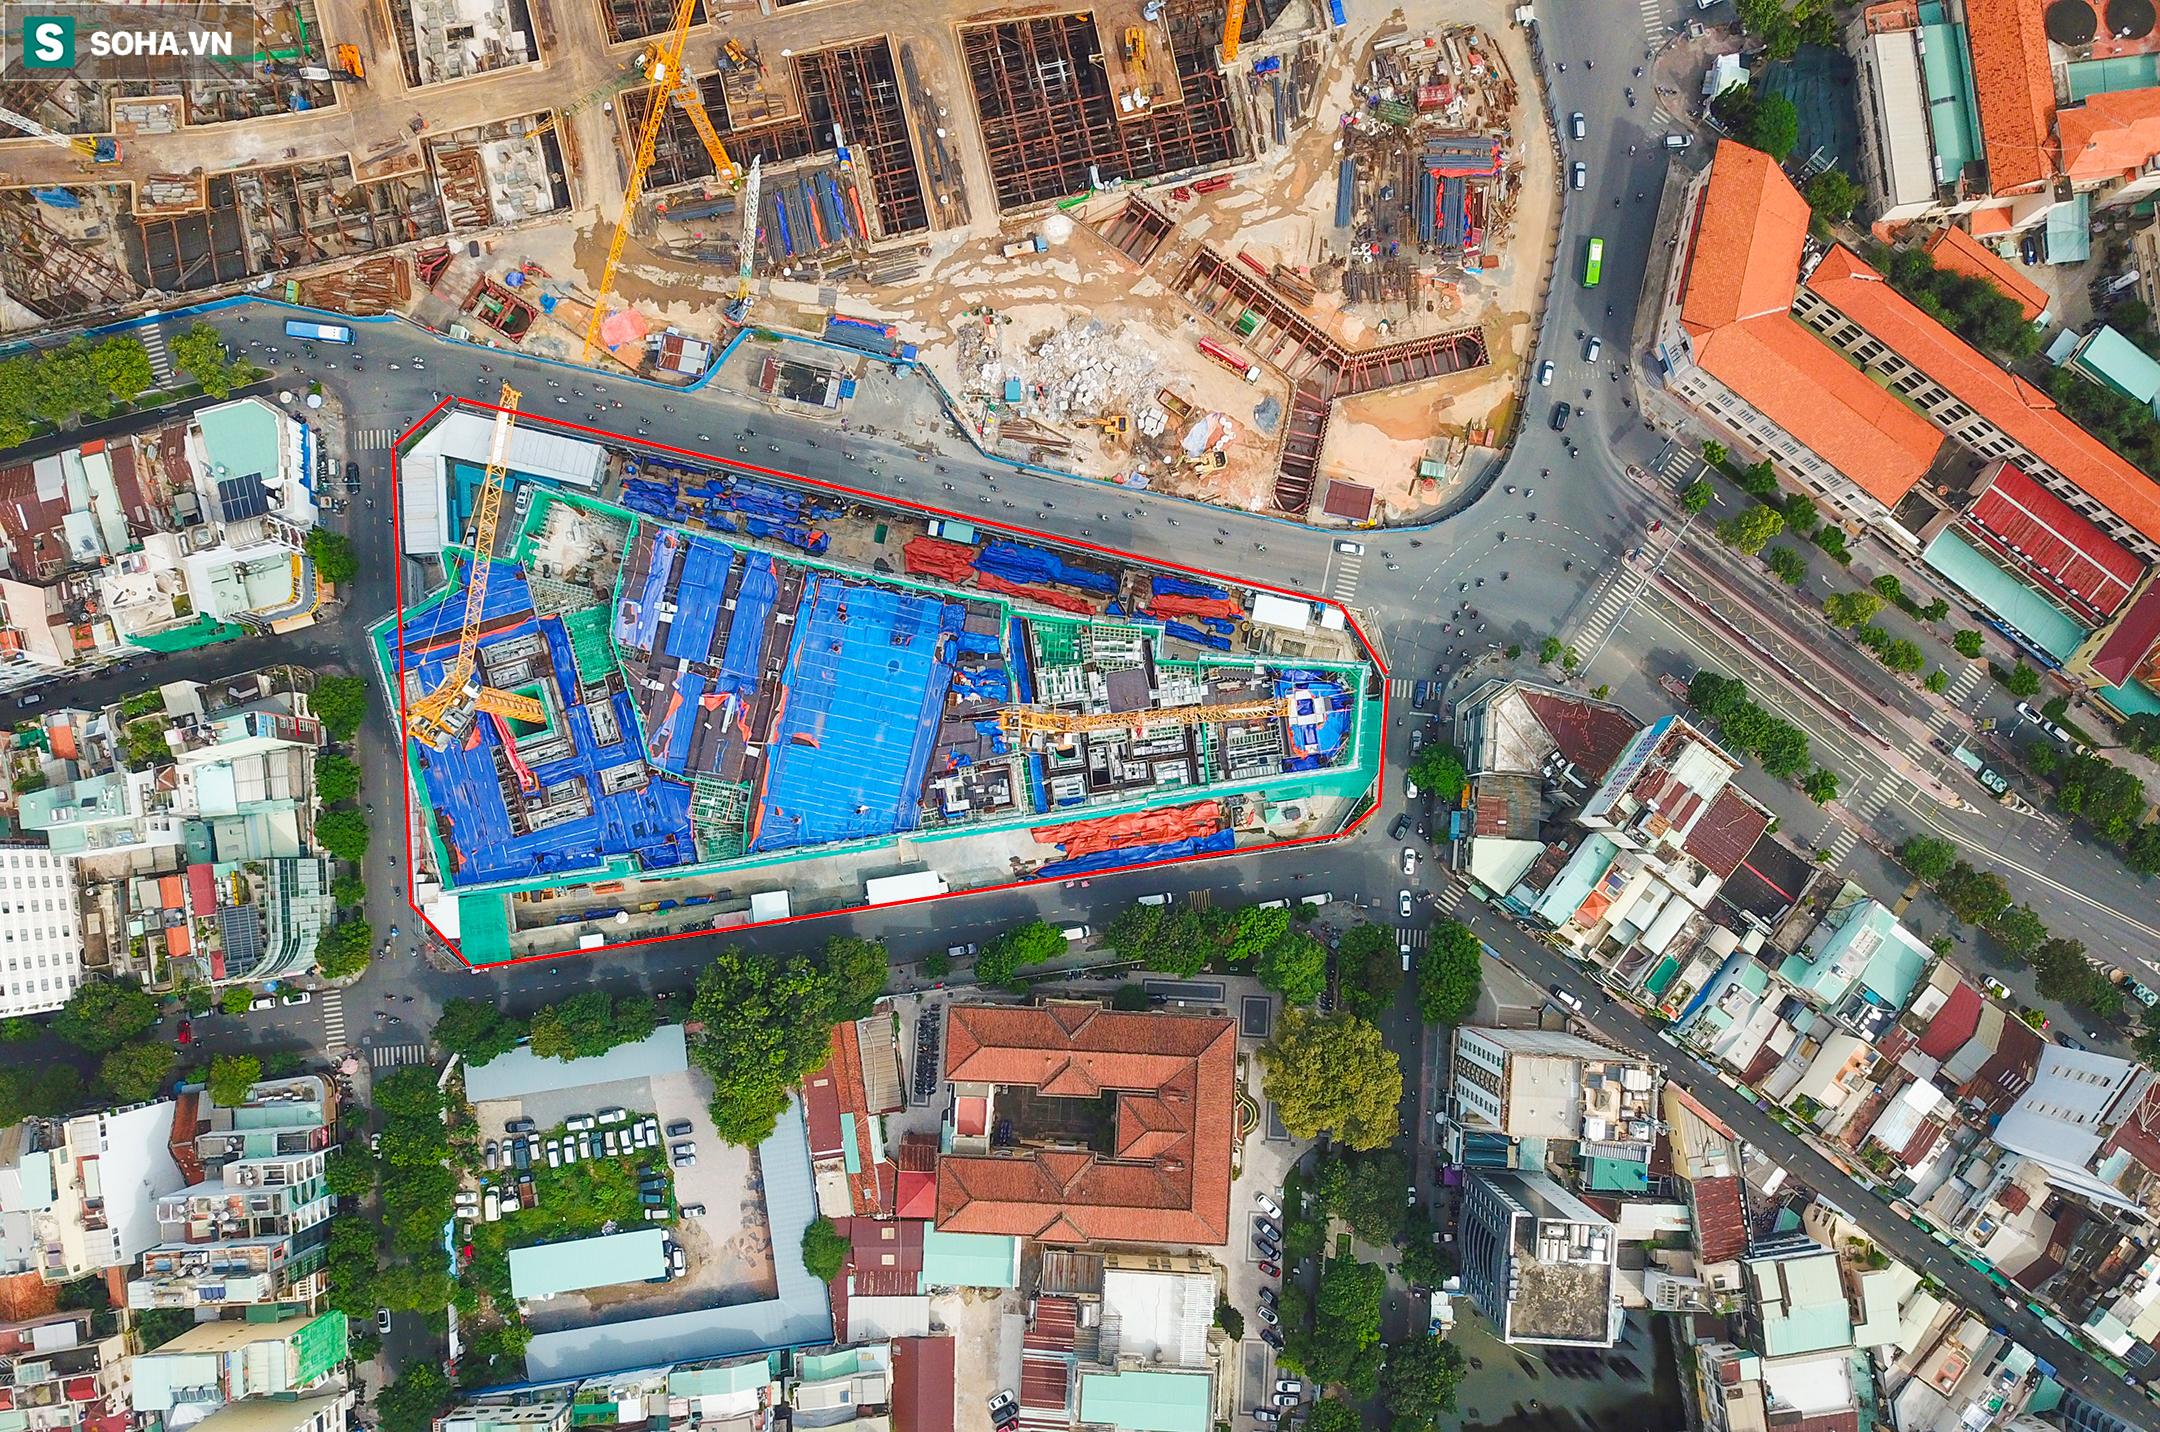 Dự án tứ giác Bến Thành có vị trí đắc địa bậc nhất TP.HCM thi công gây lún nứt Bảo tàng Mỹ thuật - Ảnh 3.